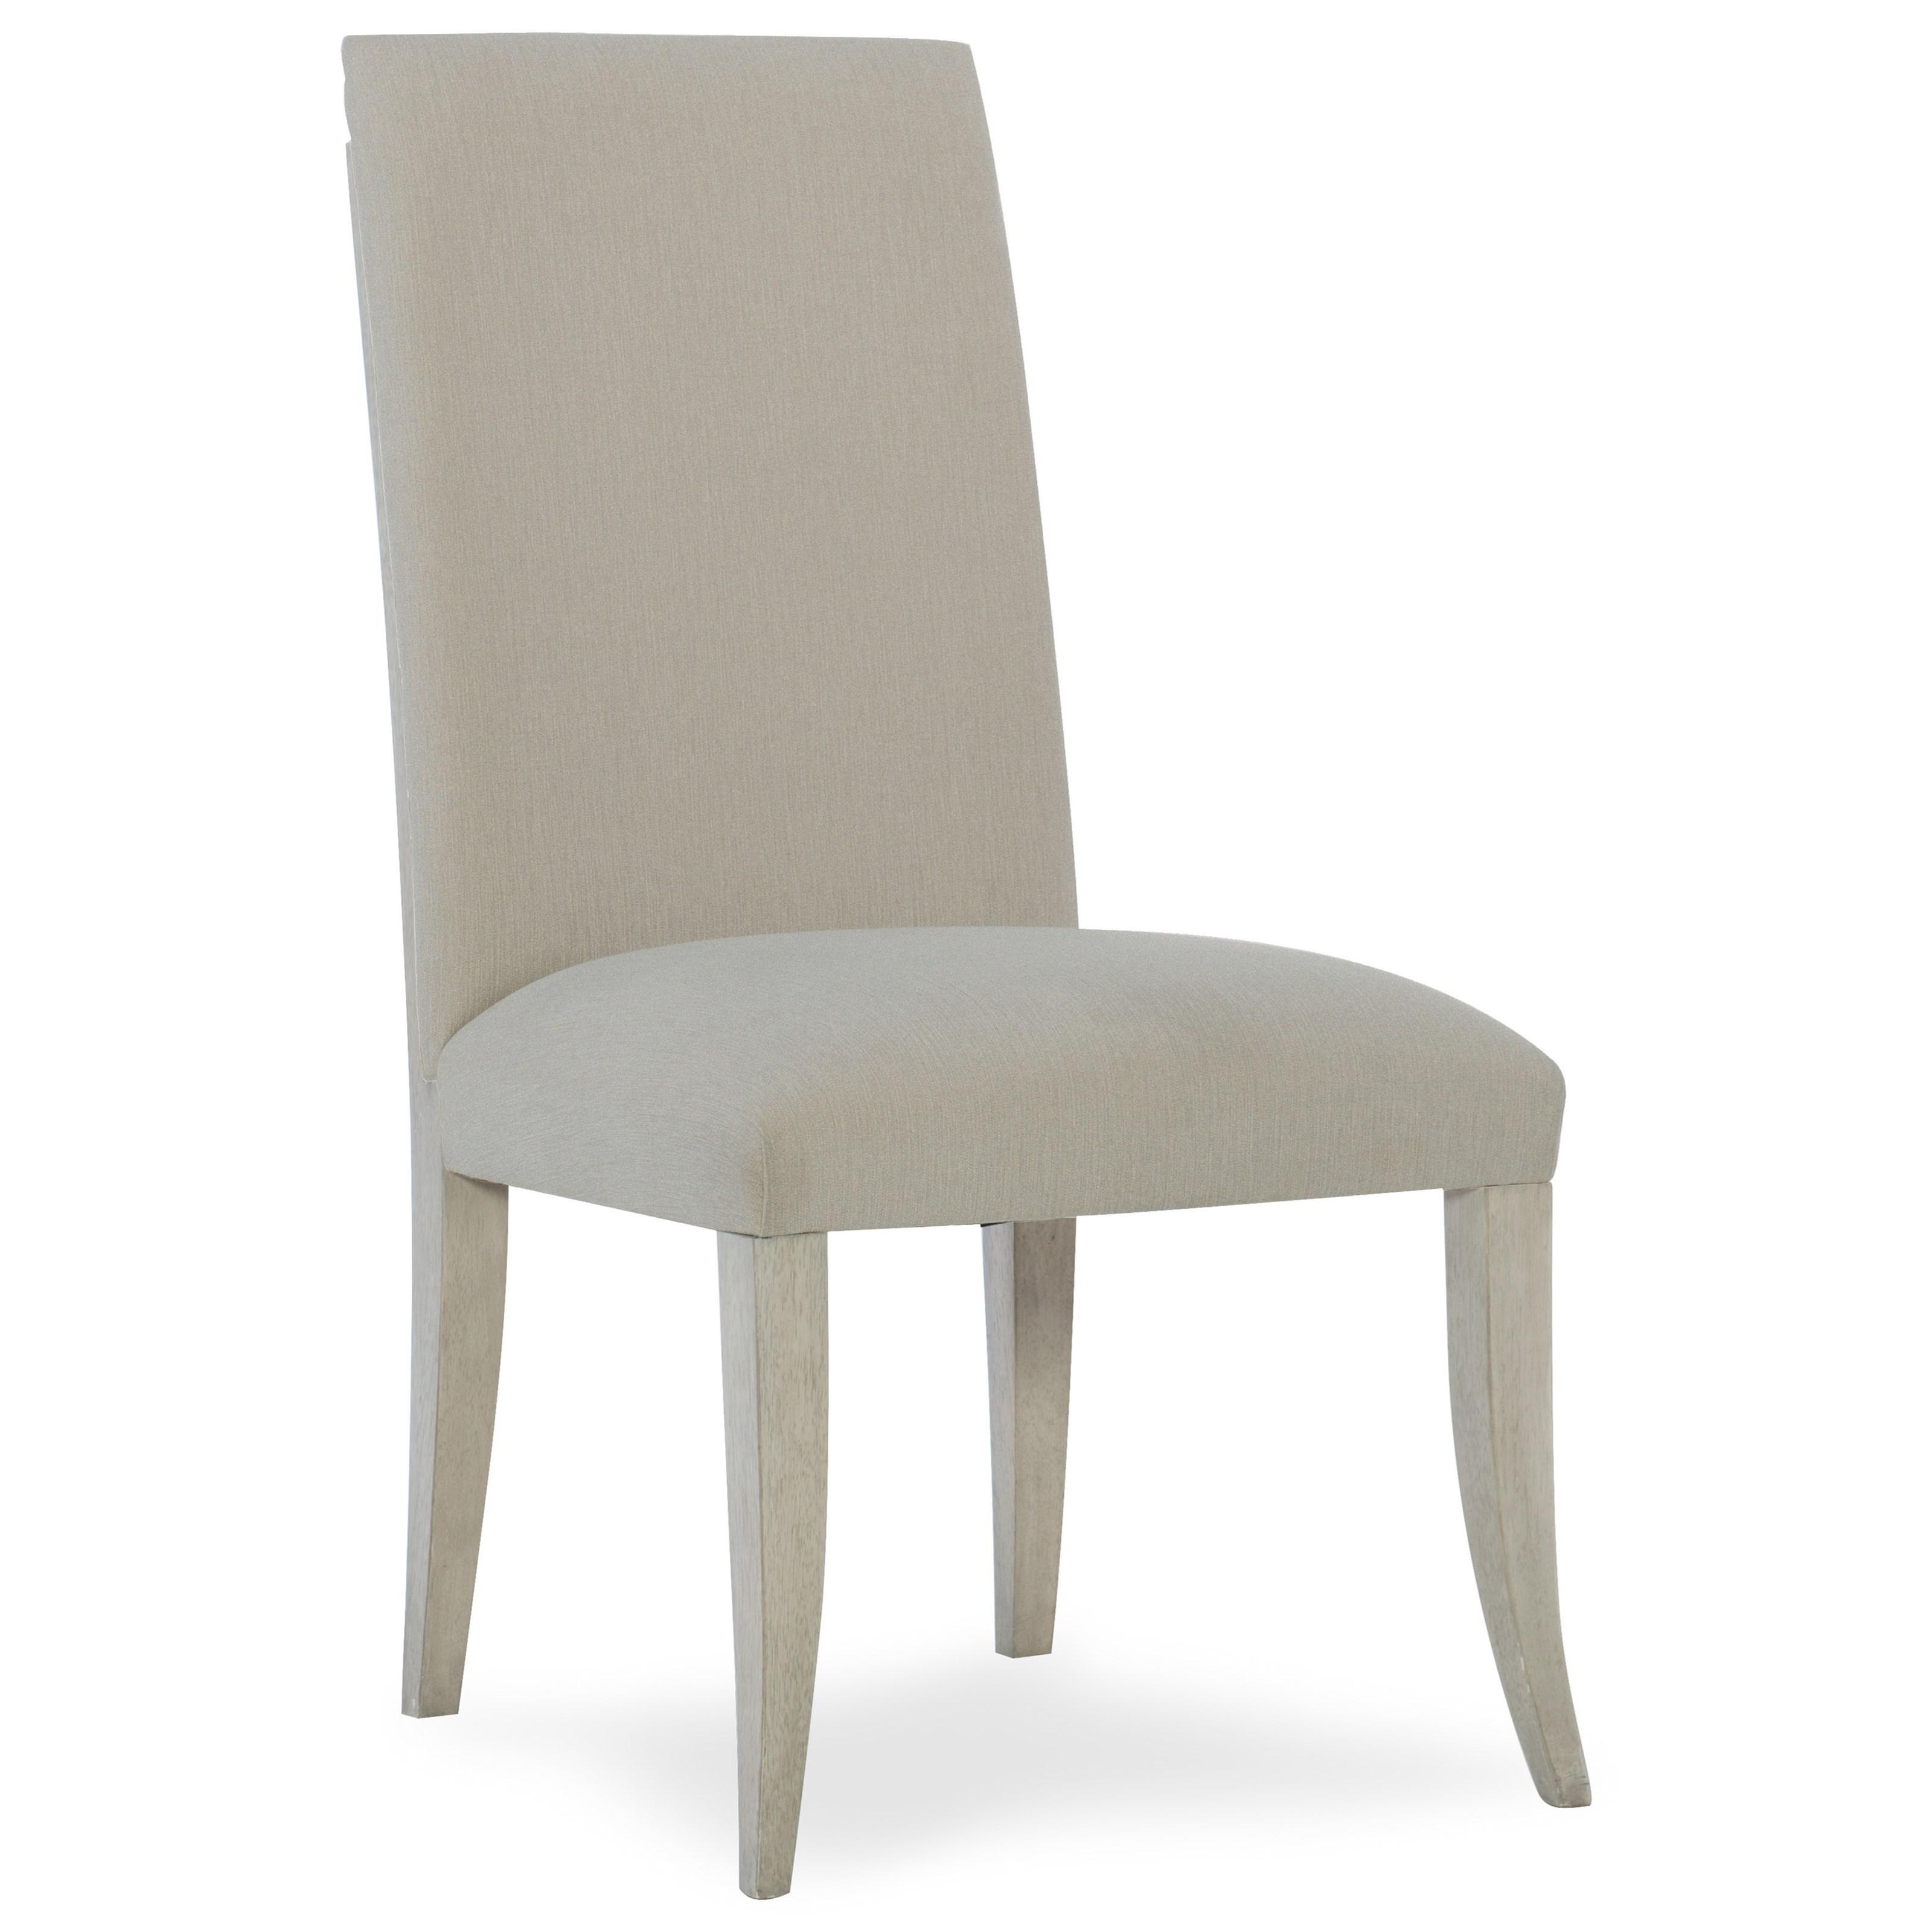 Elixir Upholstered Side Chair by Hooker Furniture at Baer's Furniture